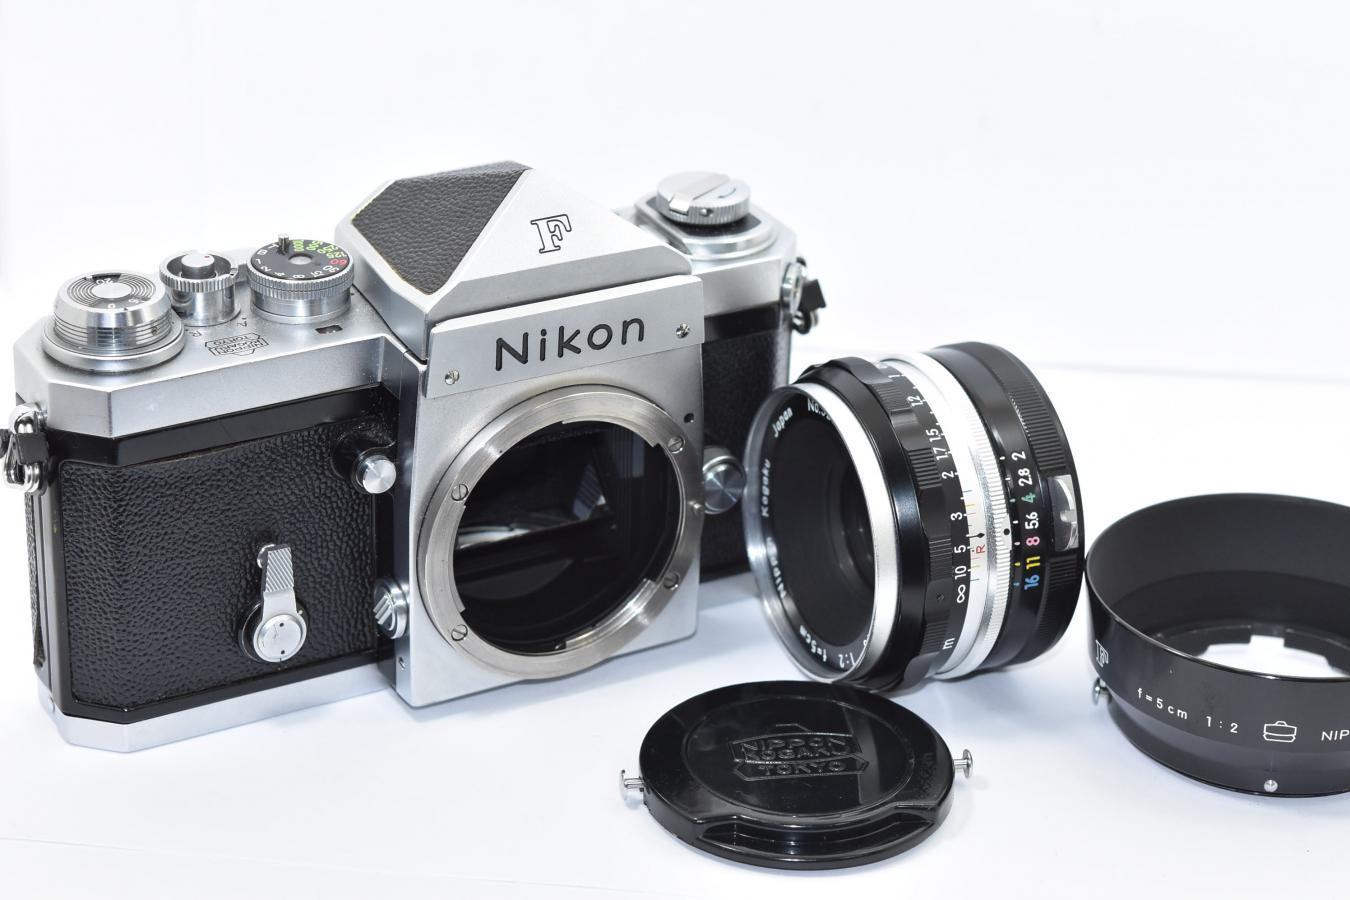 【コレクション向け 希 少】 Nikon F アイレベル640 NIKKOR-S Auto 5cm F2付 【チックマーク/R刻印入/PAT.PEND最初期 日本光学マーク入りフード、キャップ付】